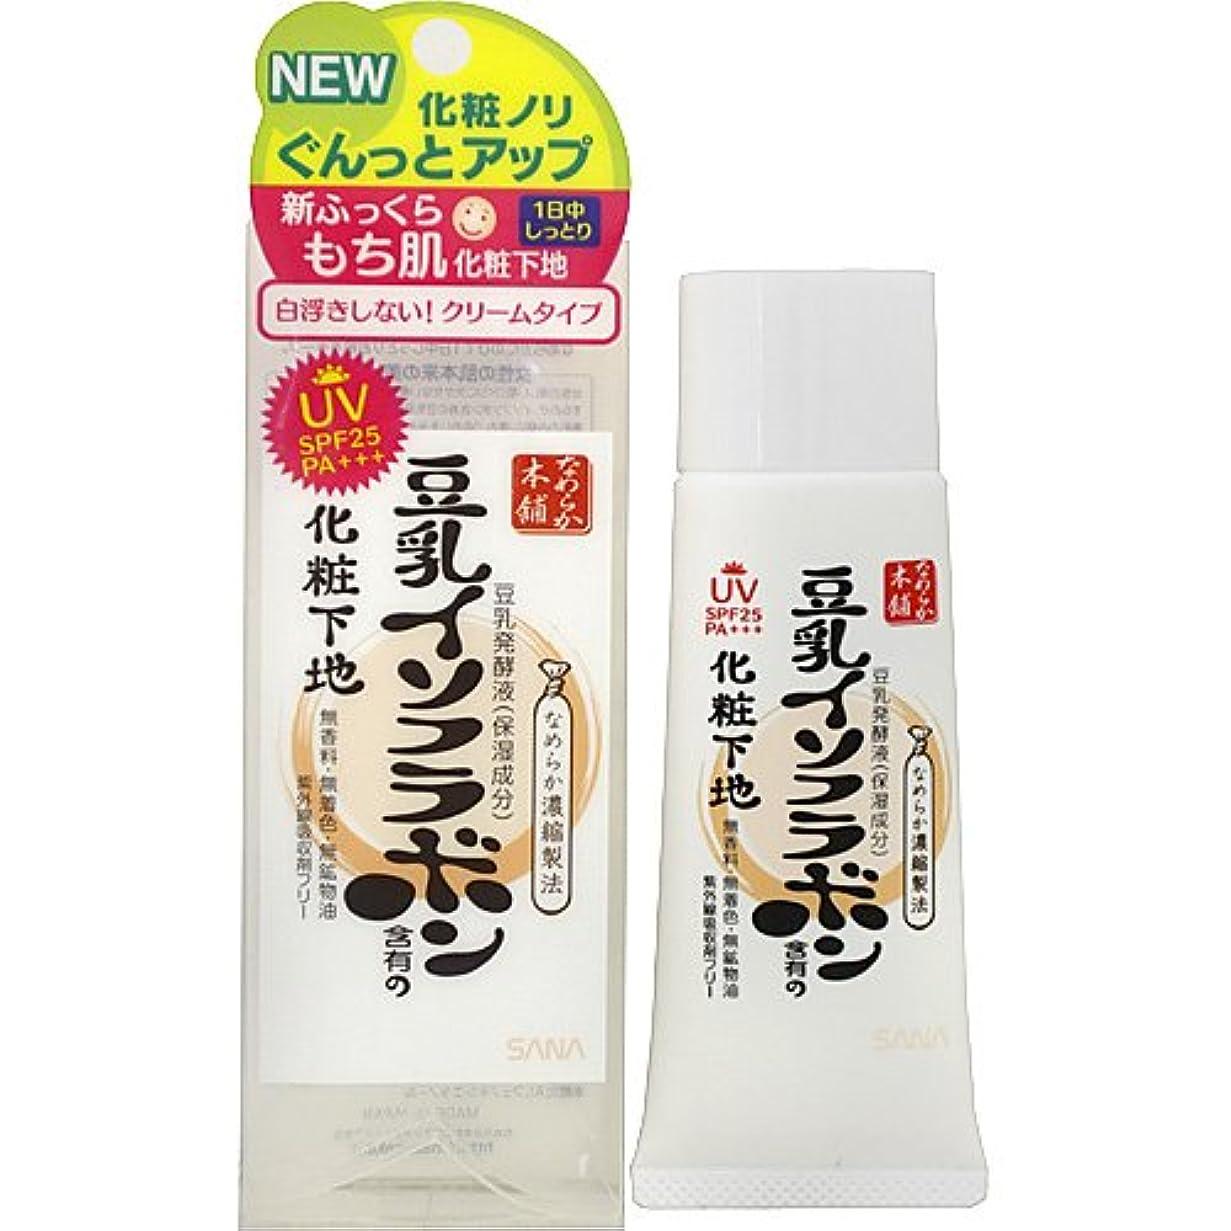 大量矛盾求めるサナ なめらか本舗 豆乳イソフラボン含有のUV化粧下地N 40g x 3